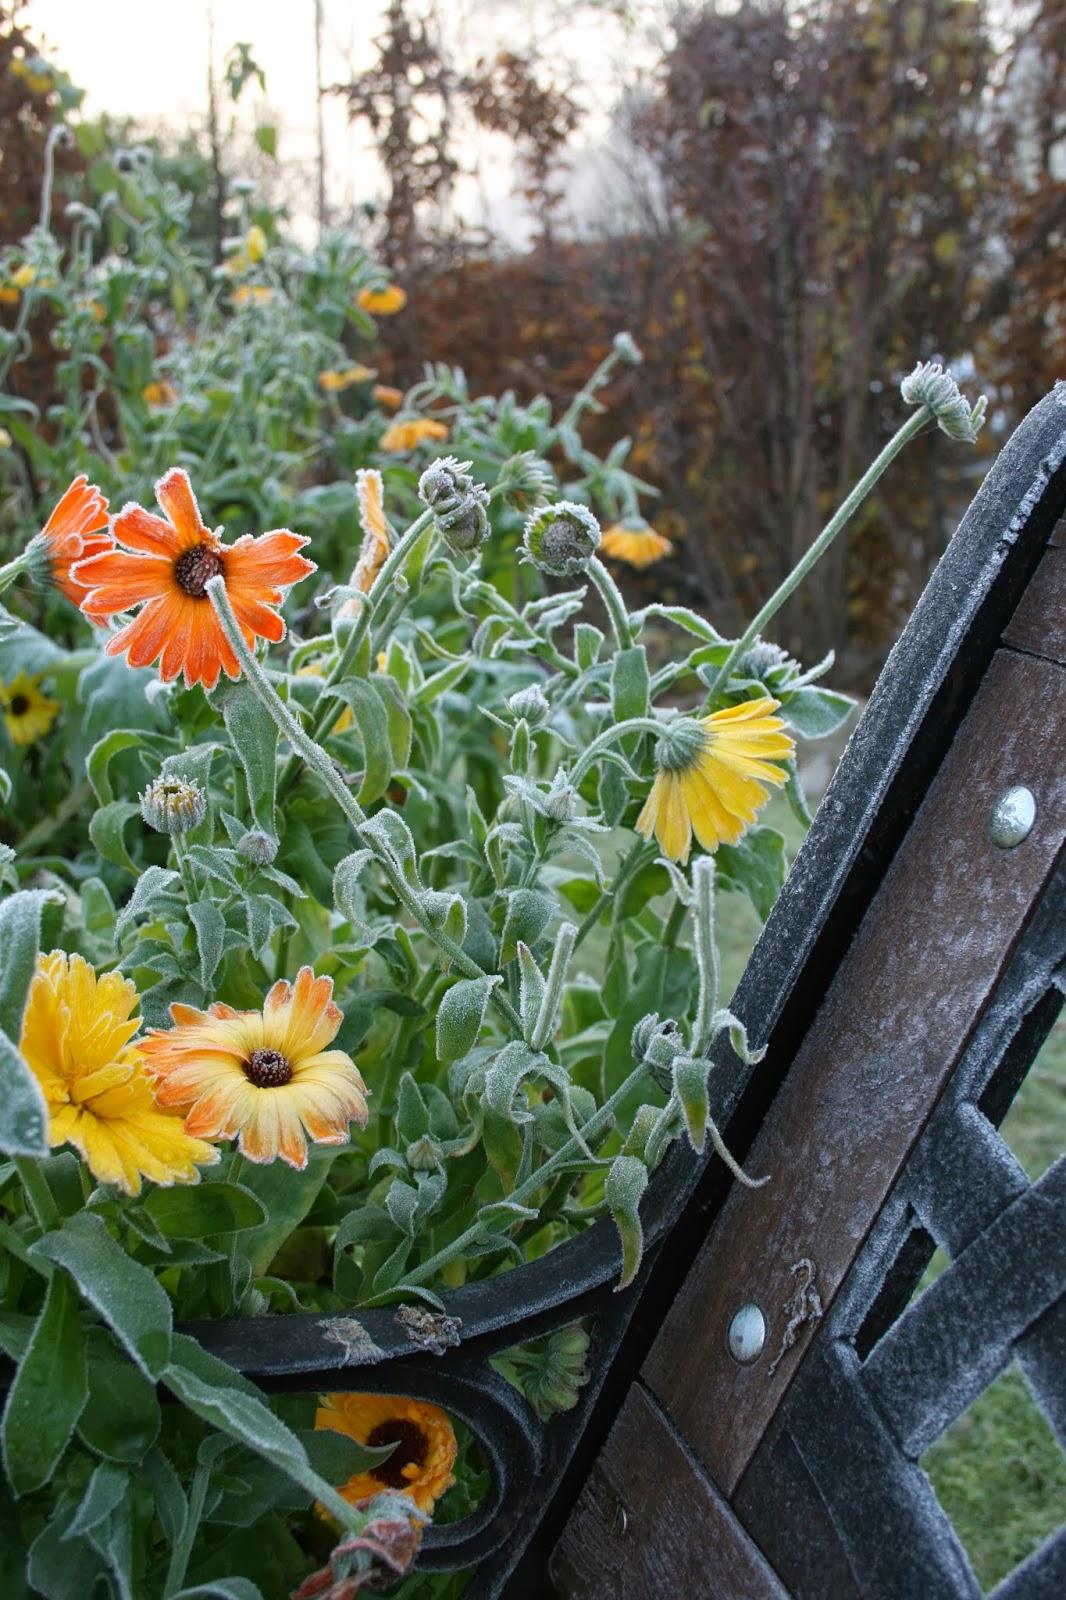 populär trädgårdsblogg